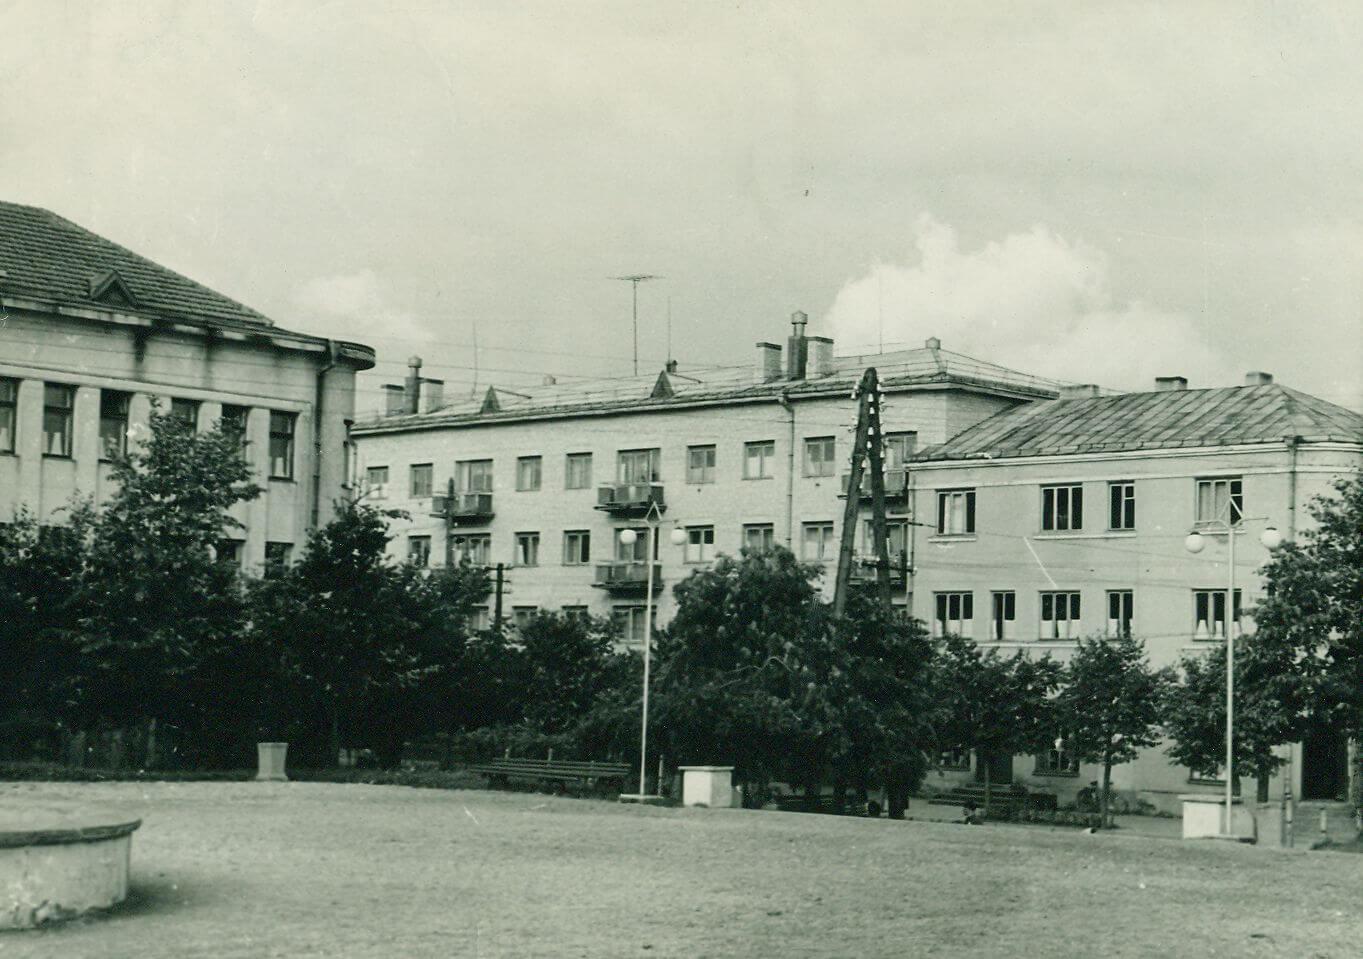 Buvęs Bliumės Trapidaitės namas - parduotuvė sovietmečiu.